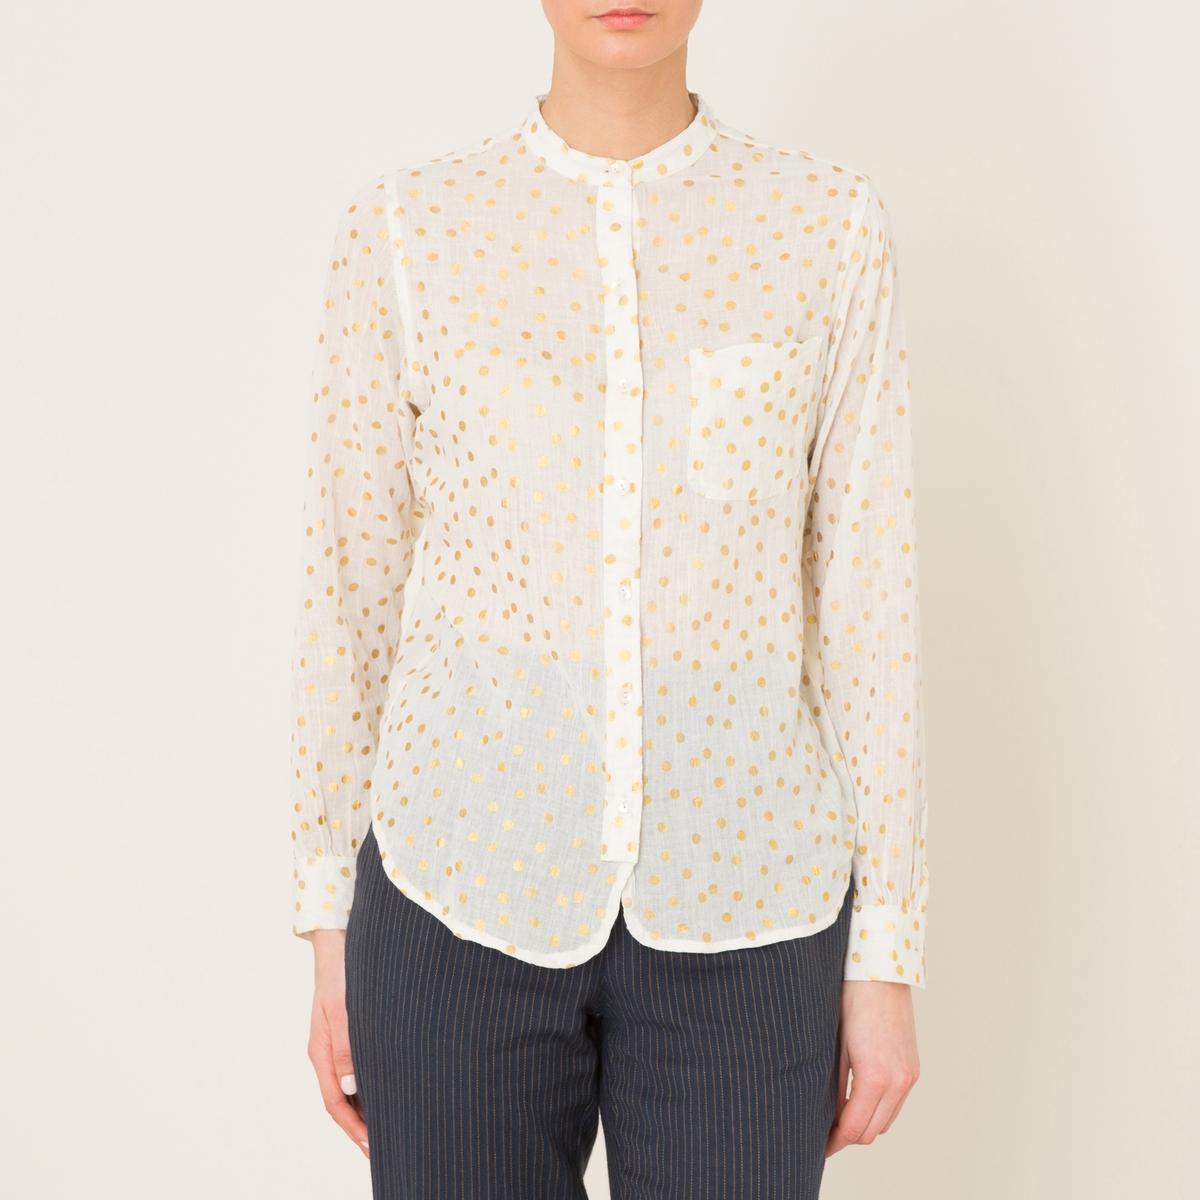 Рубашка CLARISSE TC03 DOTS leon